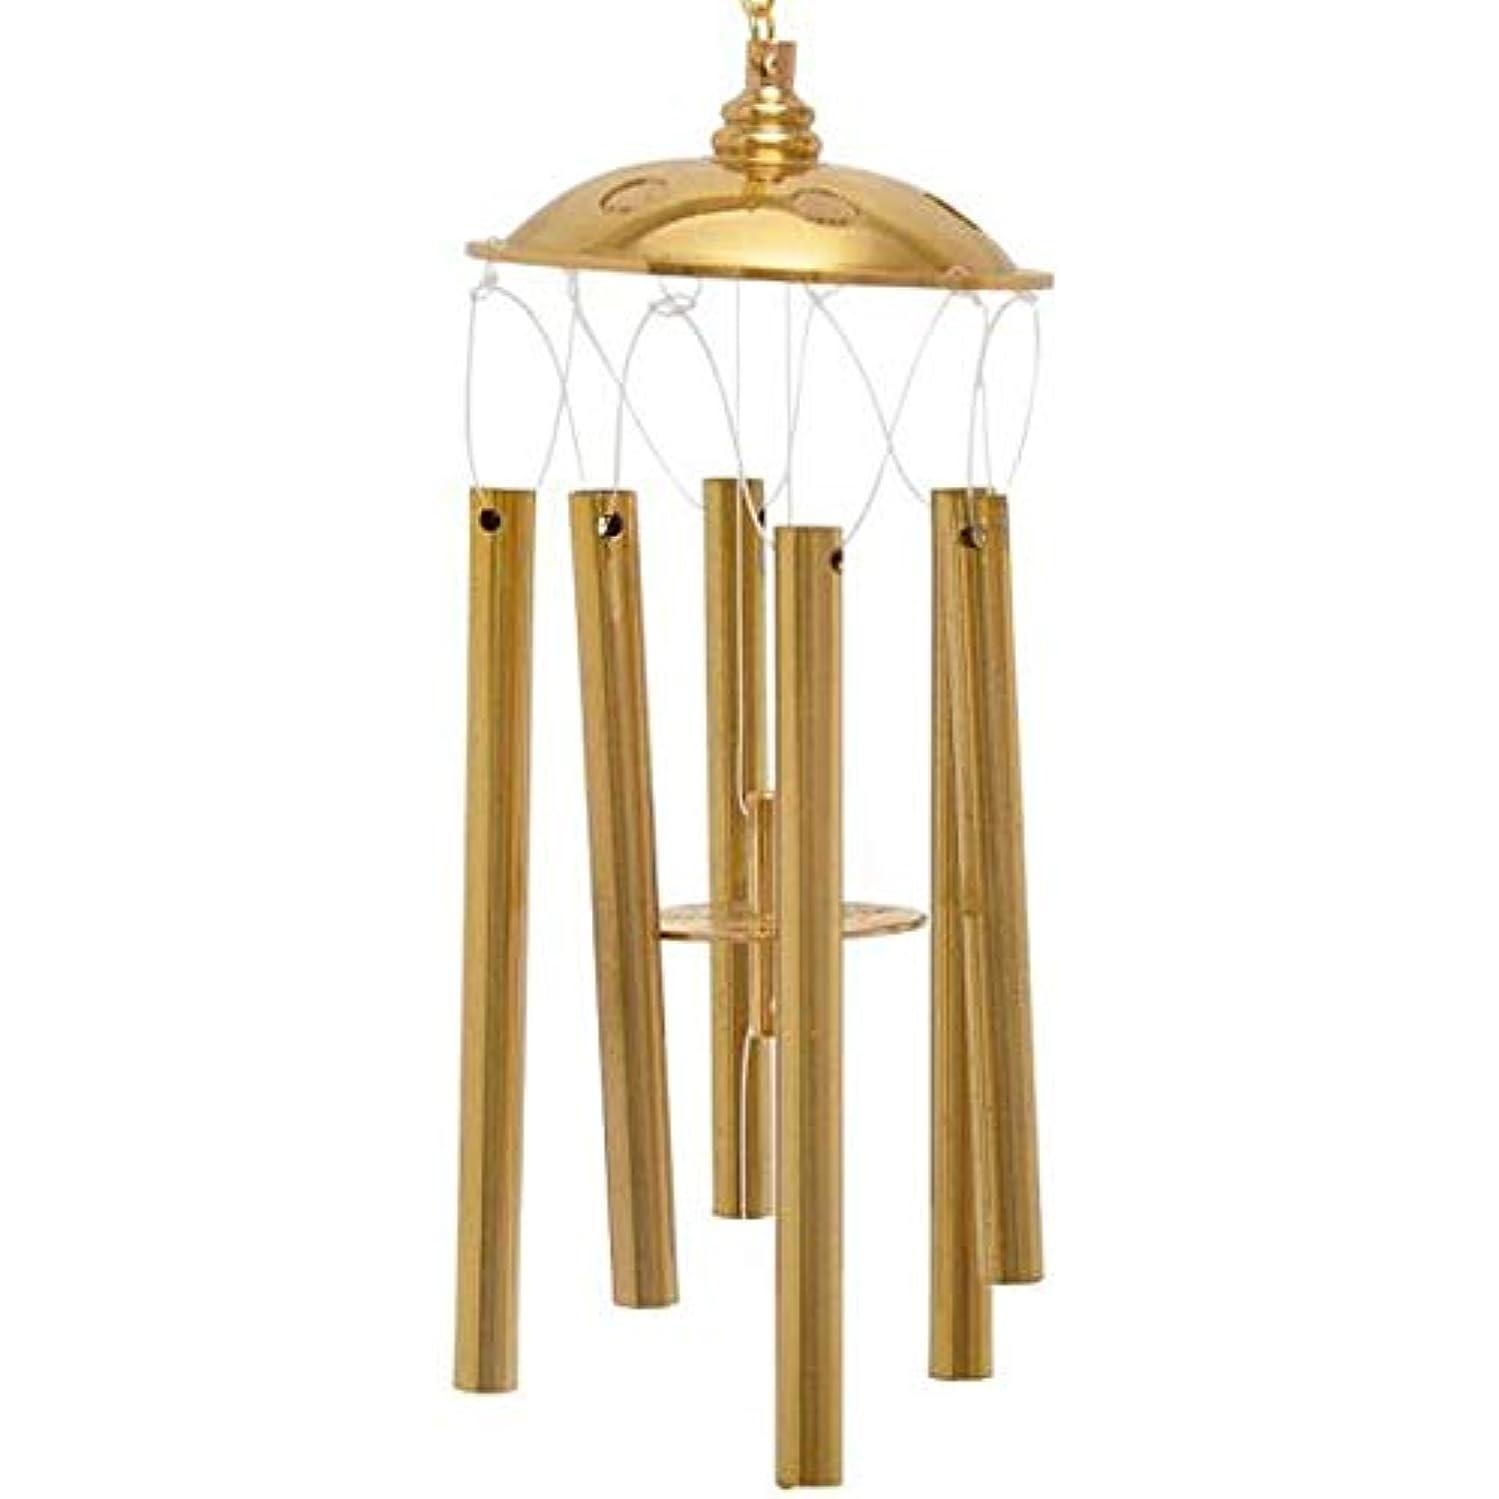 シャーク技術者宿題をするKaiyitong01 風チャイム、真鍮ホームデコレーション6チューブ風の鐘、ゴールド、全長約22CM,絶妙なファッション (Size : 36cm)